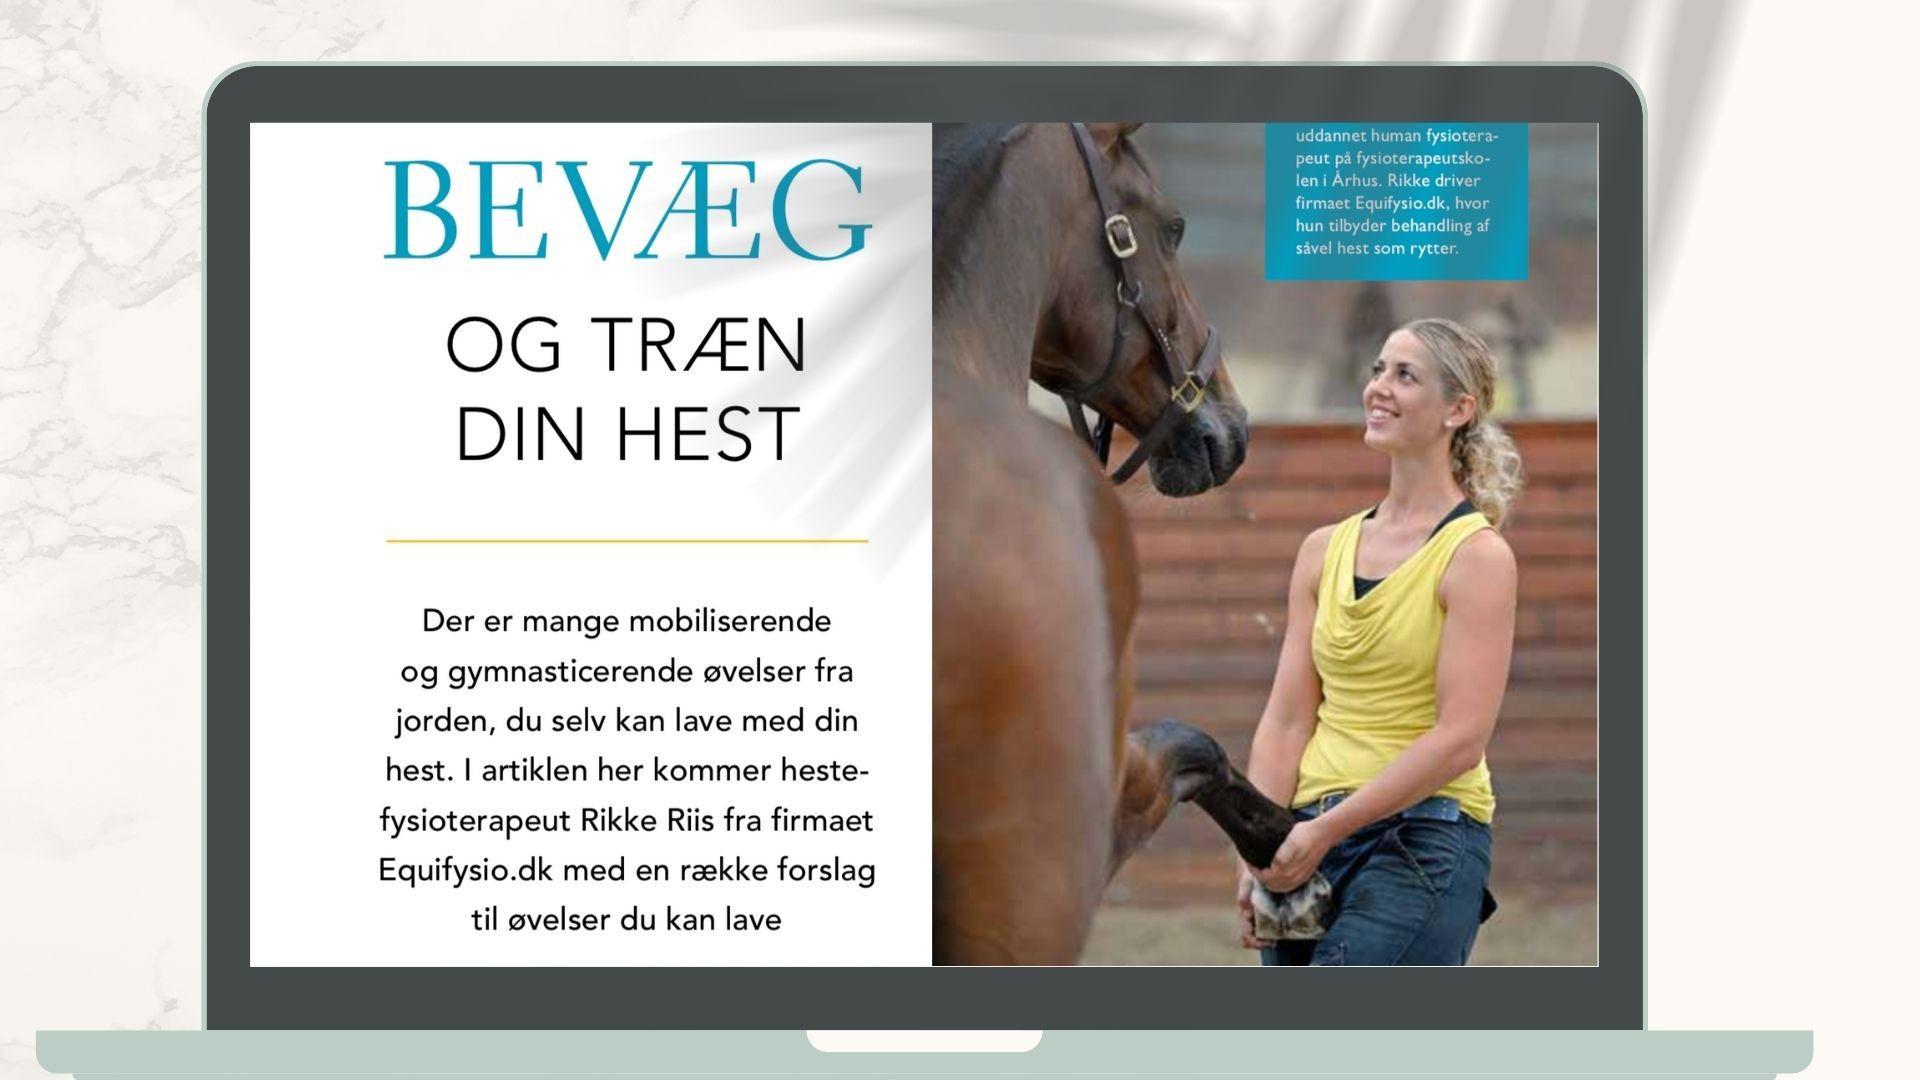 Bevæg og træn din hest